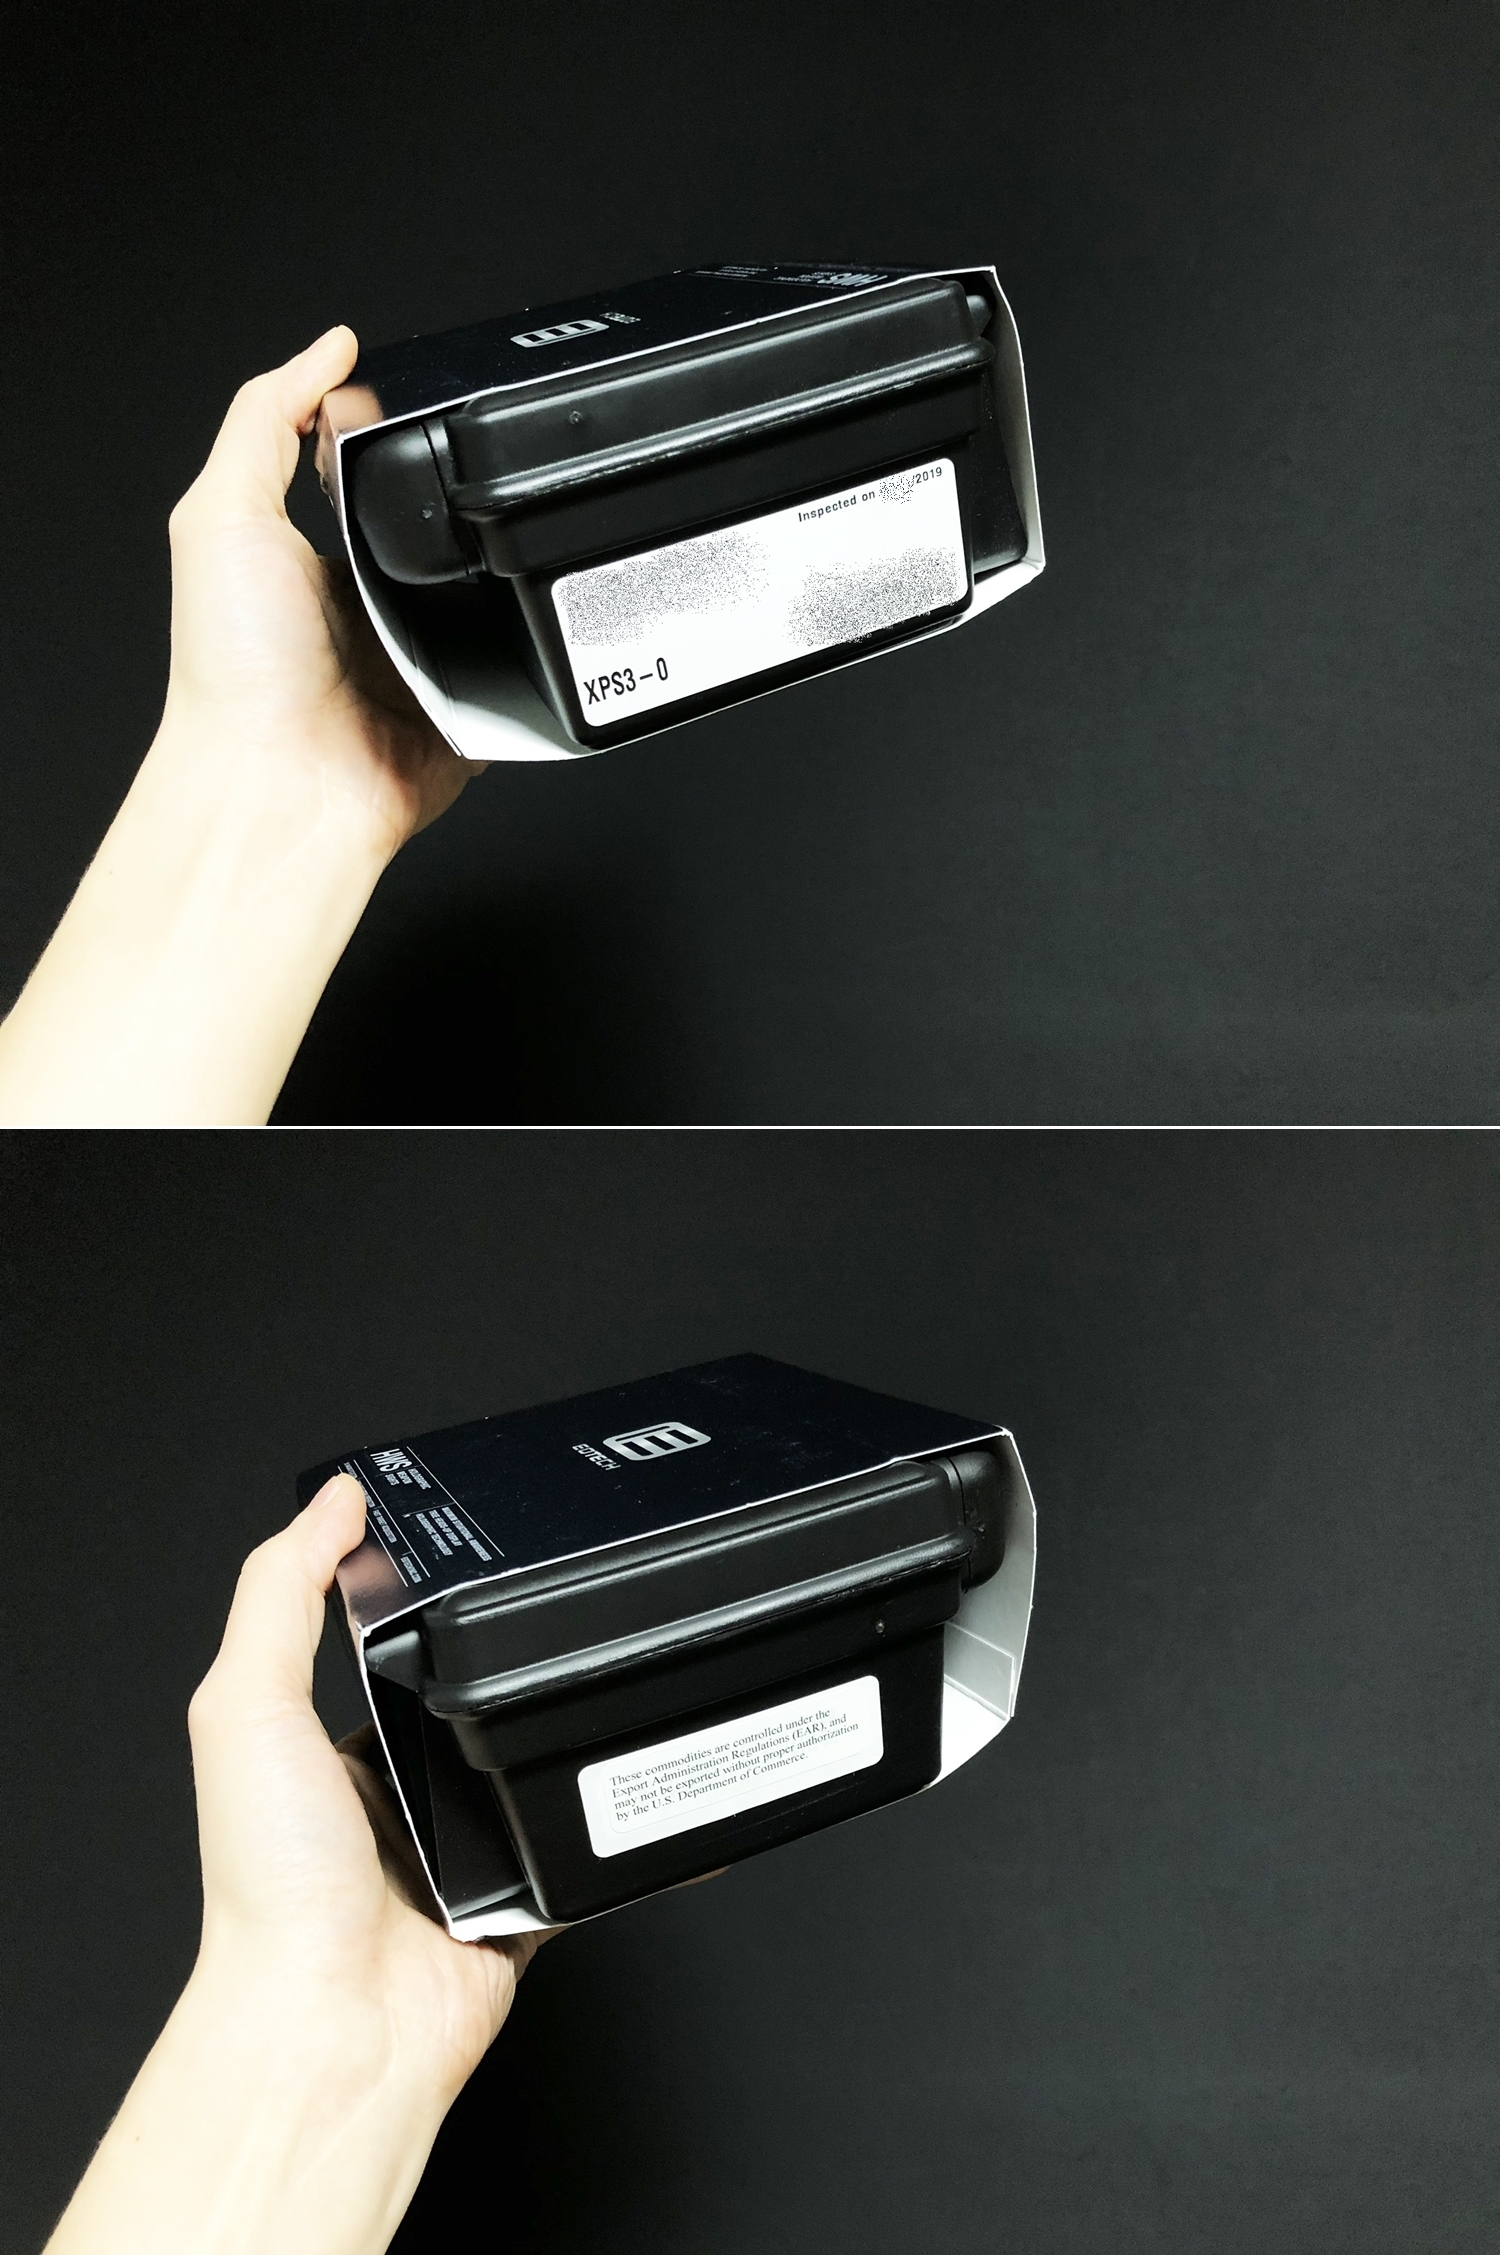 6 実物 EOTech XPS3-0 HOLOGRAPHIC SIGHT BLACK GET!! 次世代 M4 CQB-R カスタム 続編!! イオテック ホロサイト 購入 取付 レビュー!!